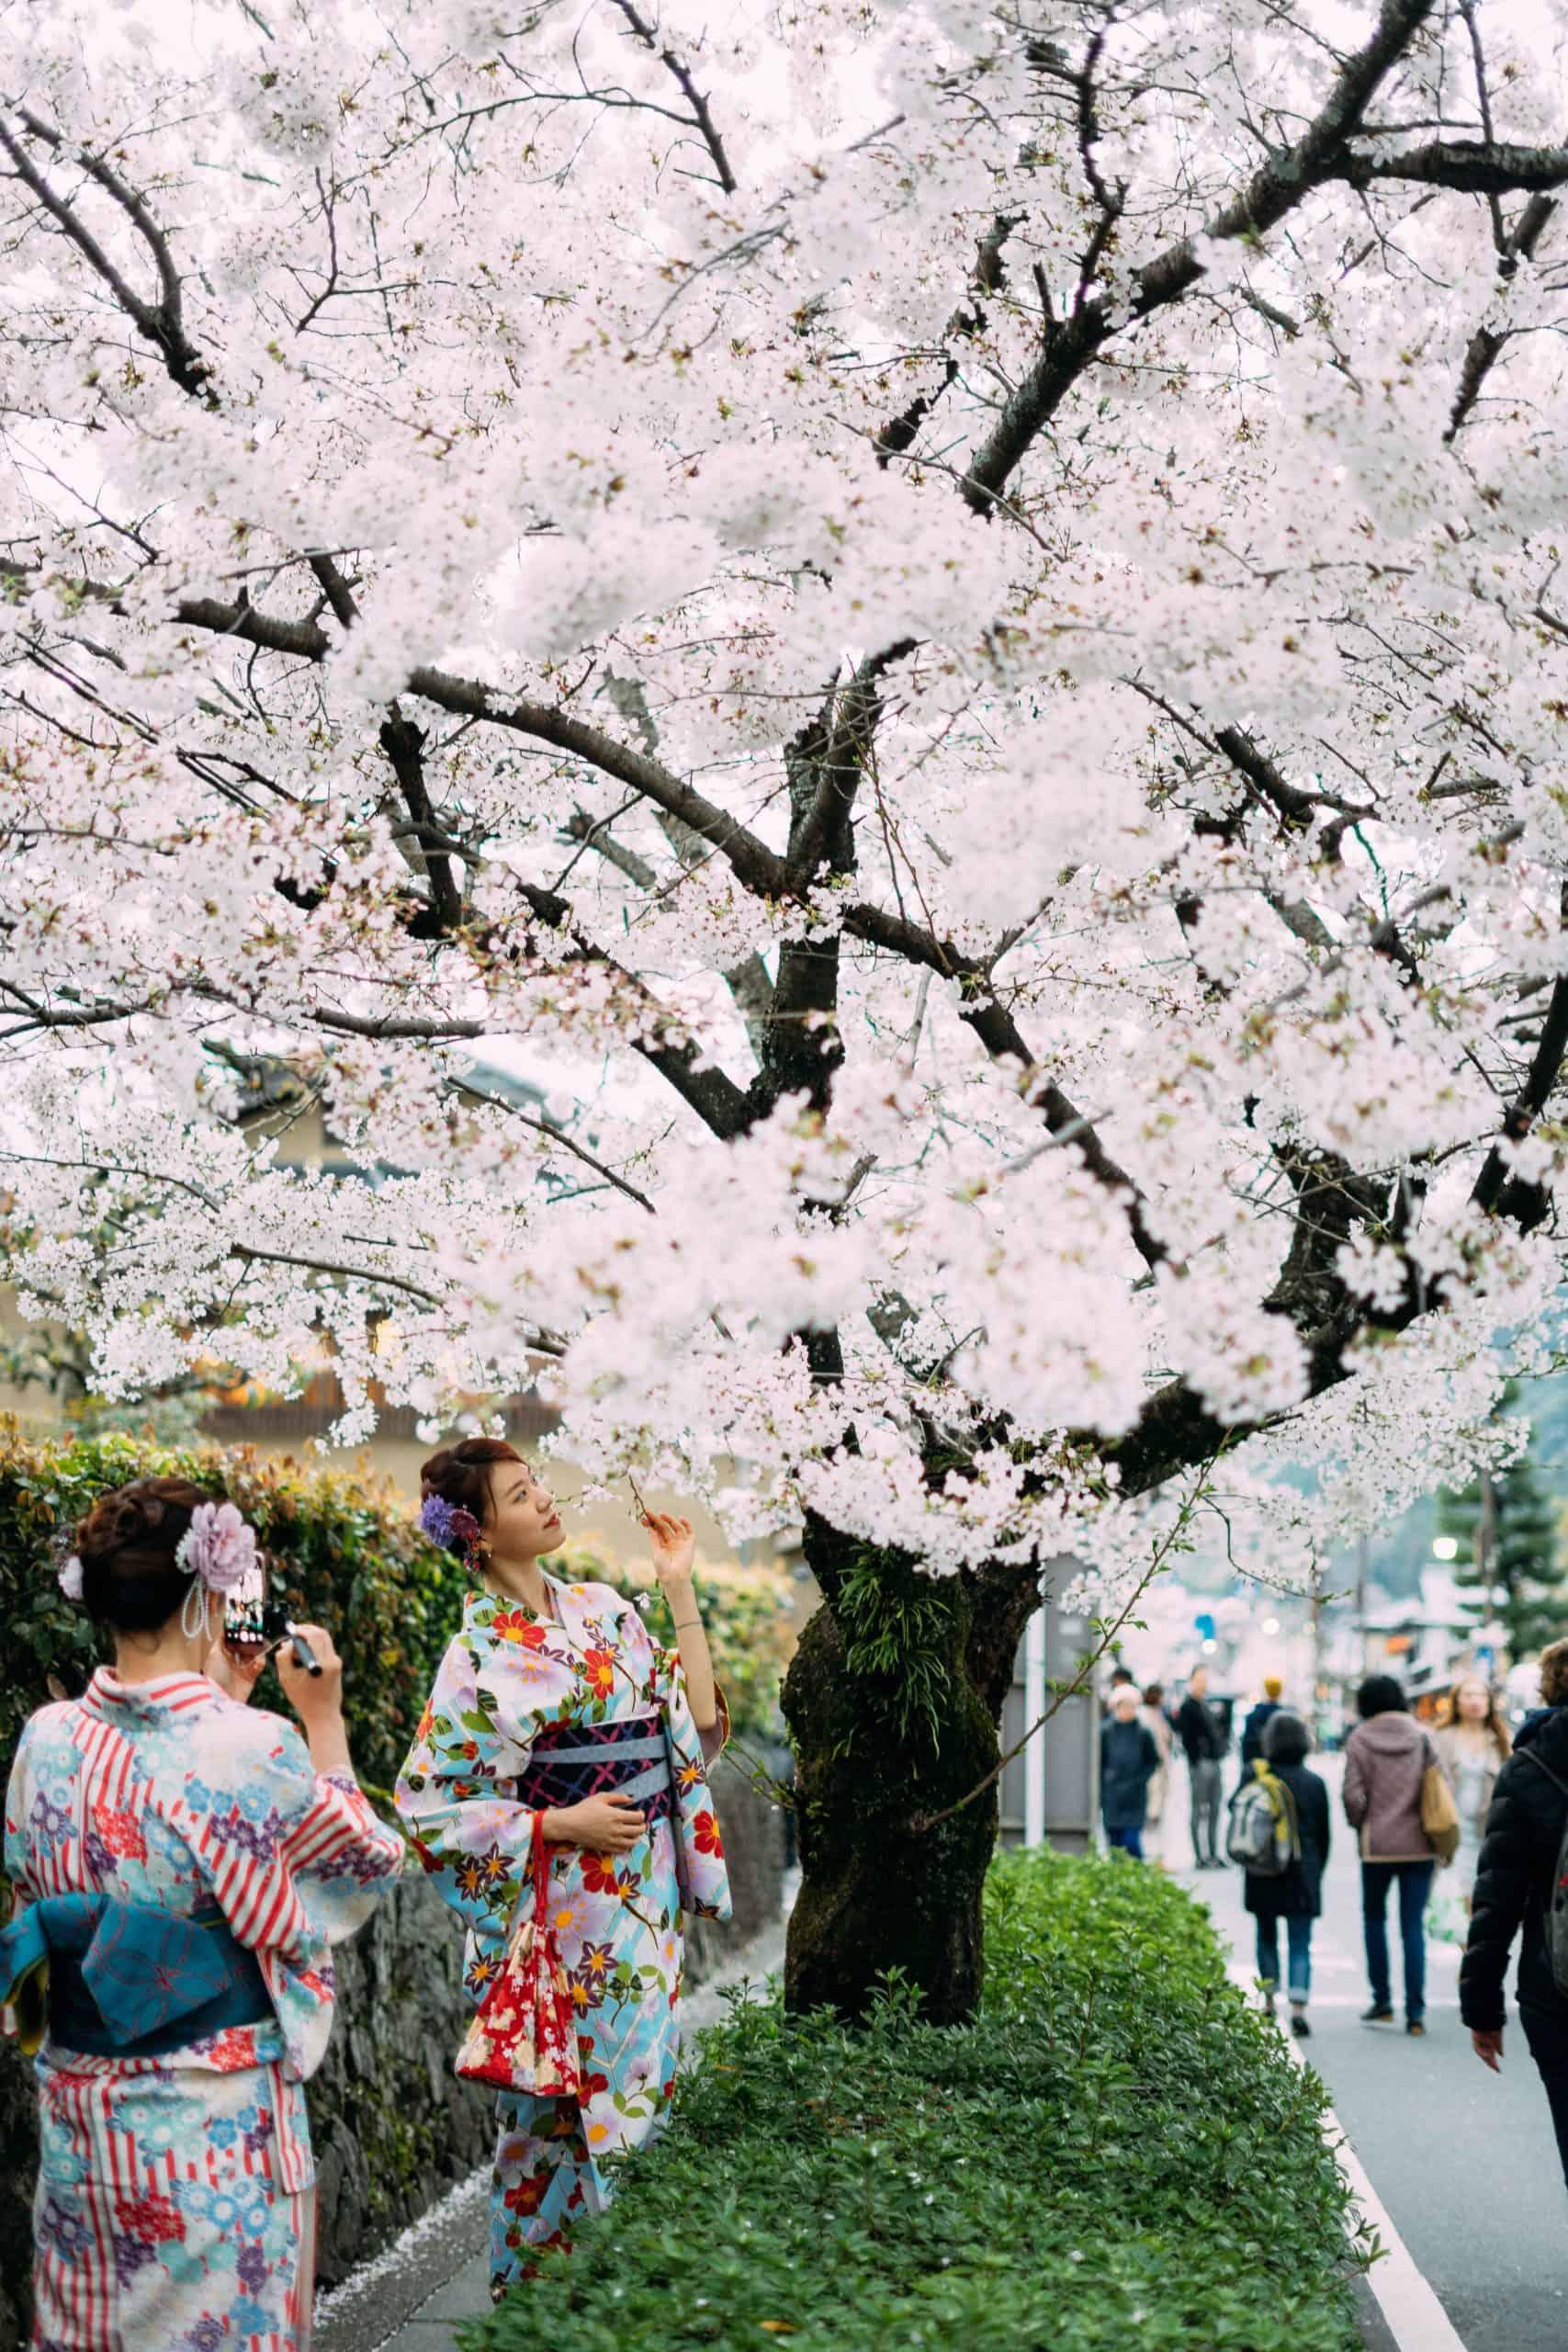 東京の桜の季節はいつですか